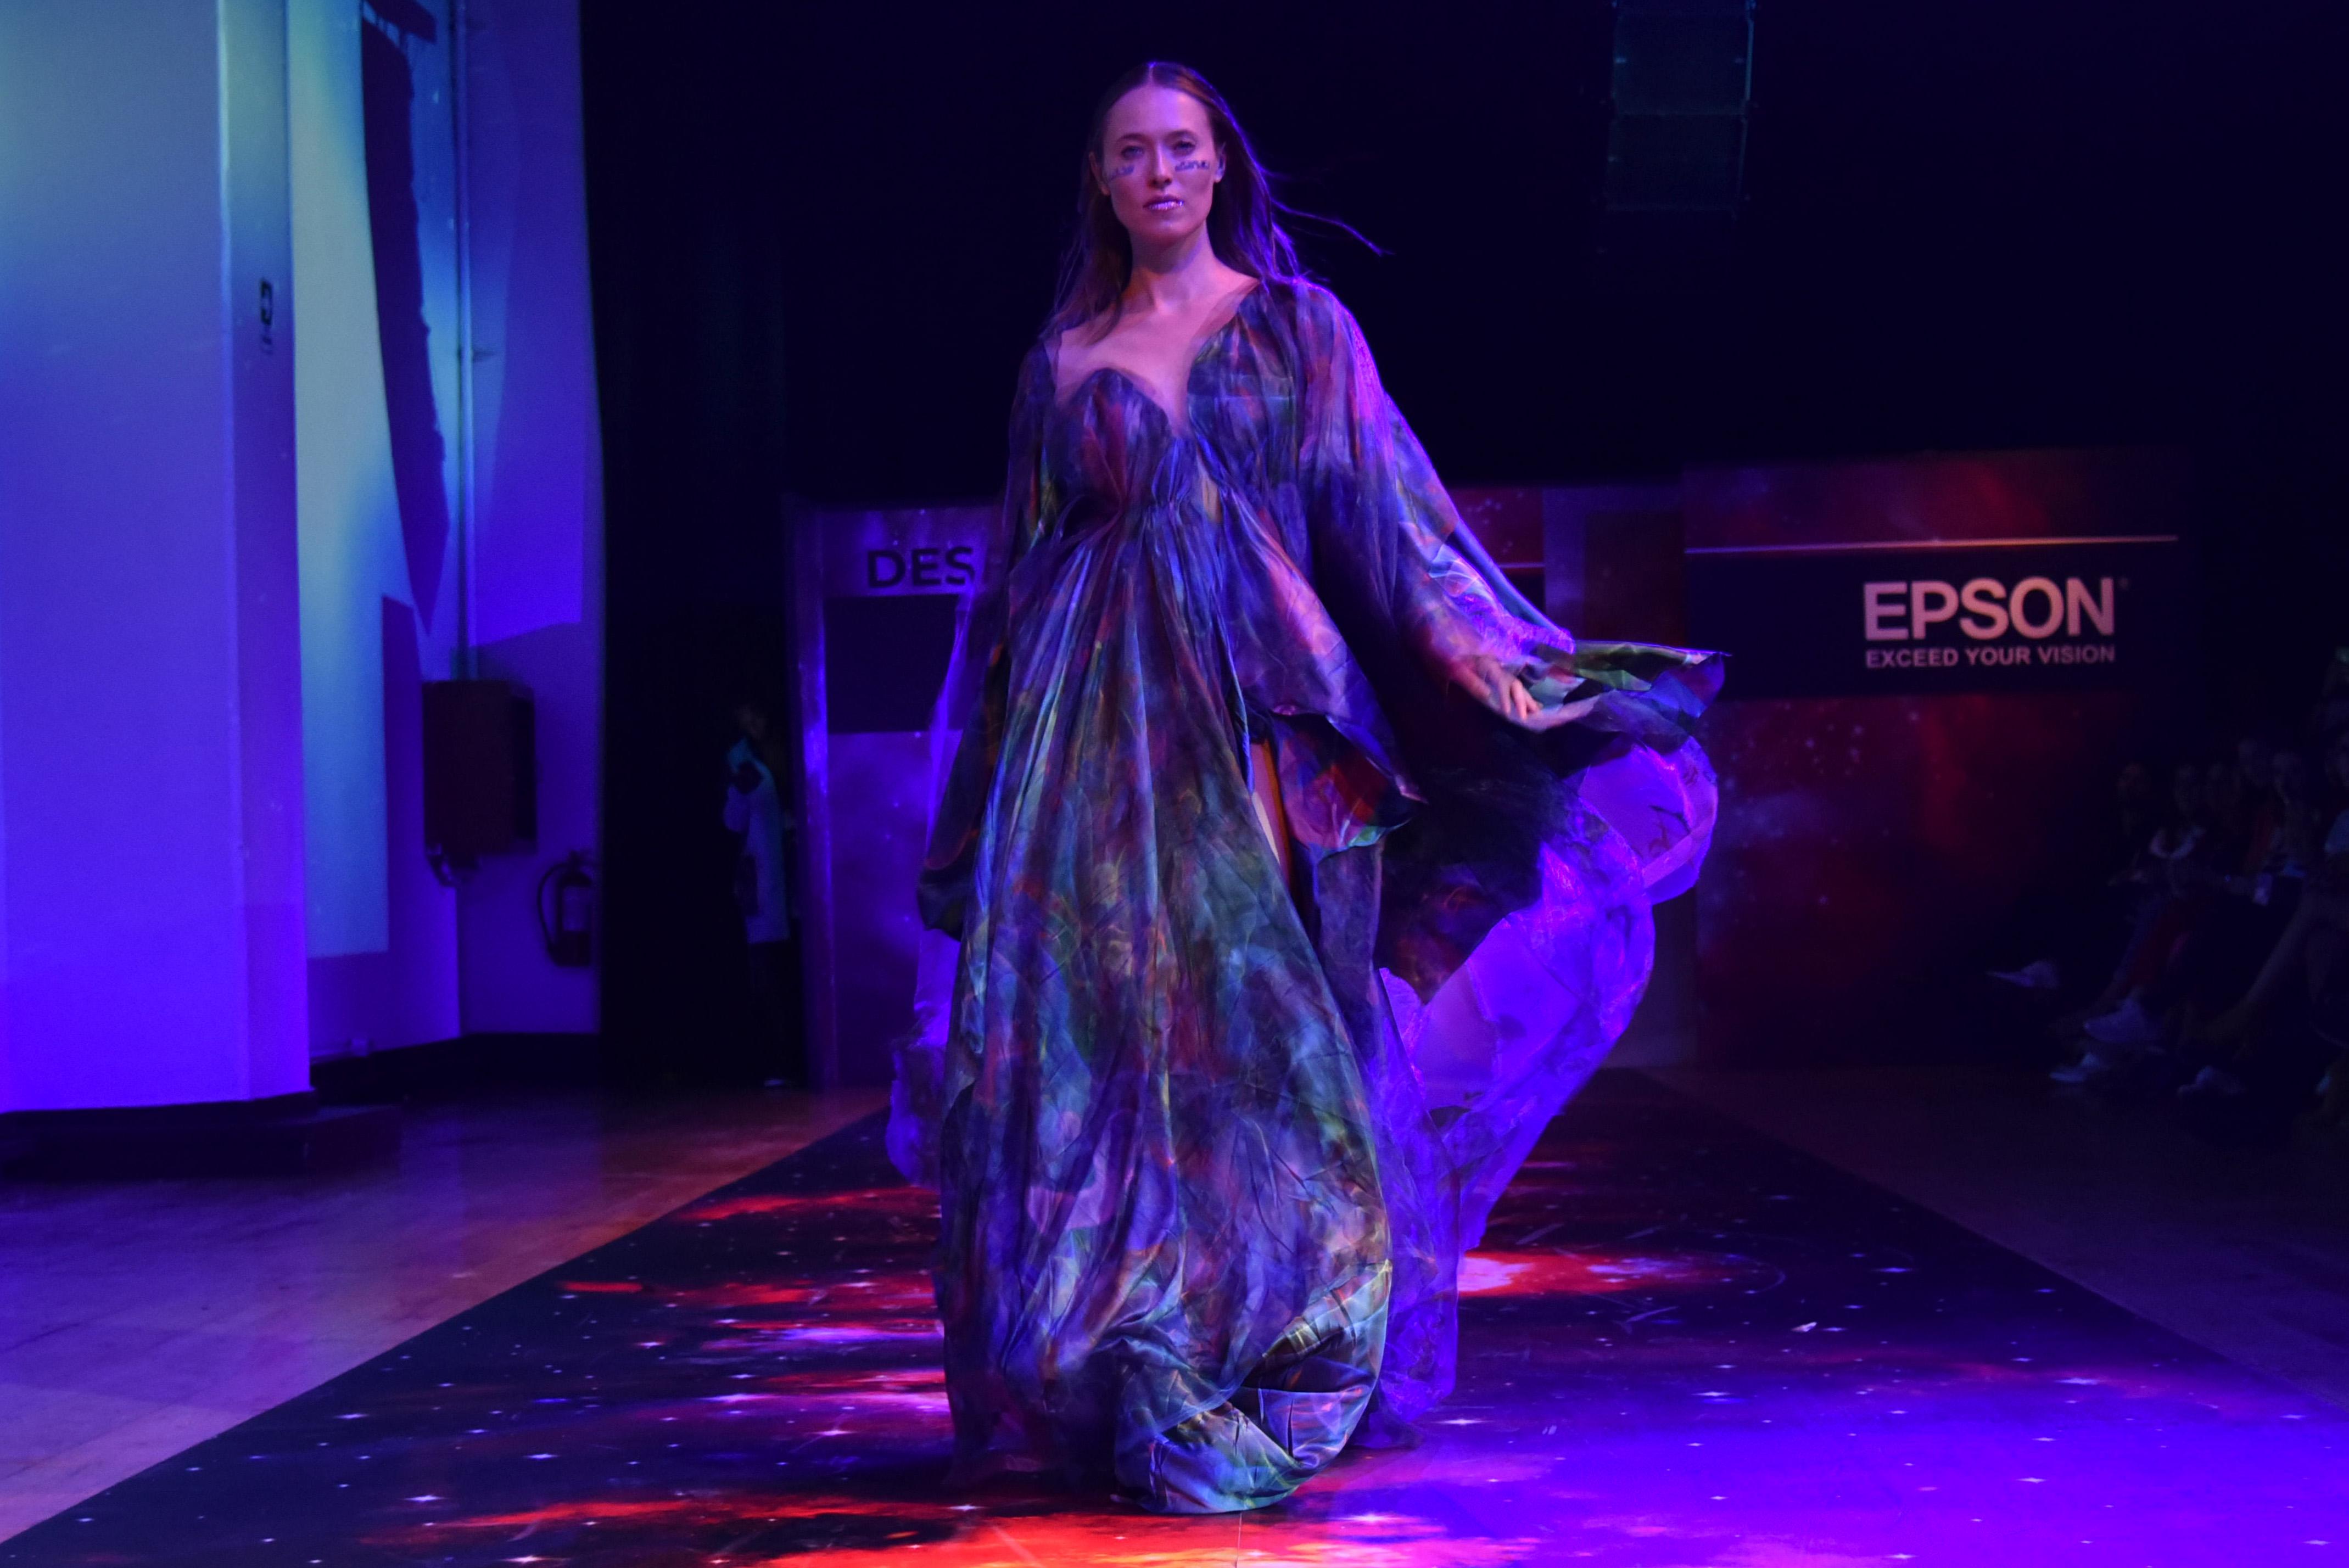 Desfile Cosmos de Epson x VisteLaCalle: María Jesús Jofré